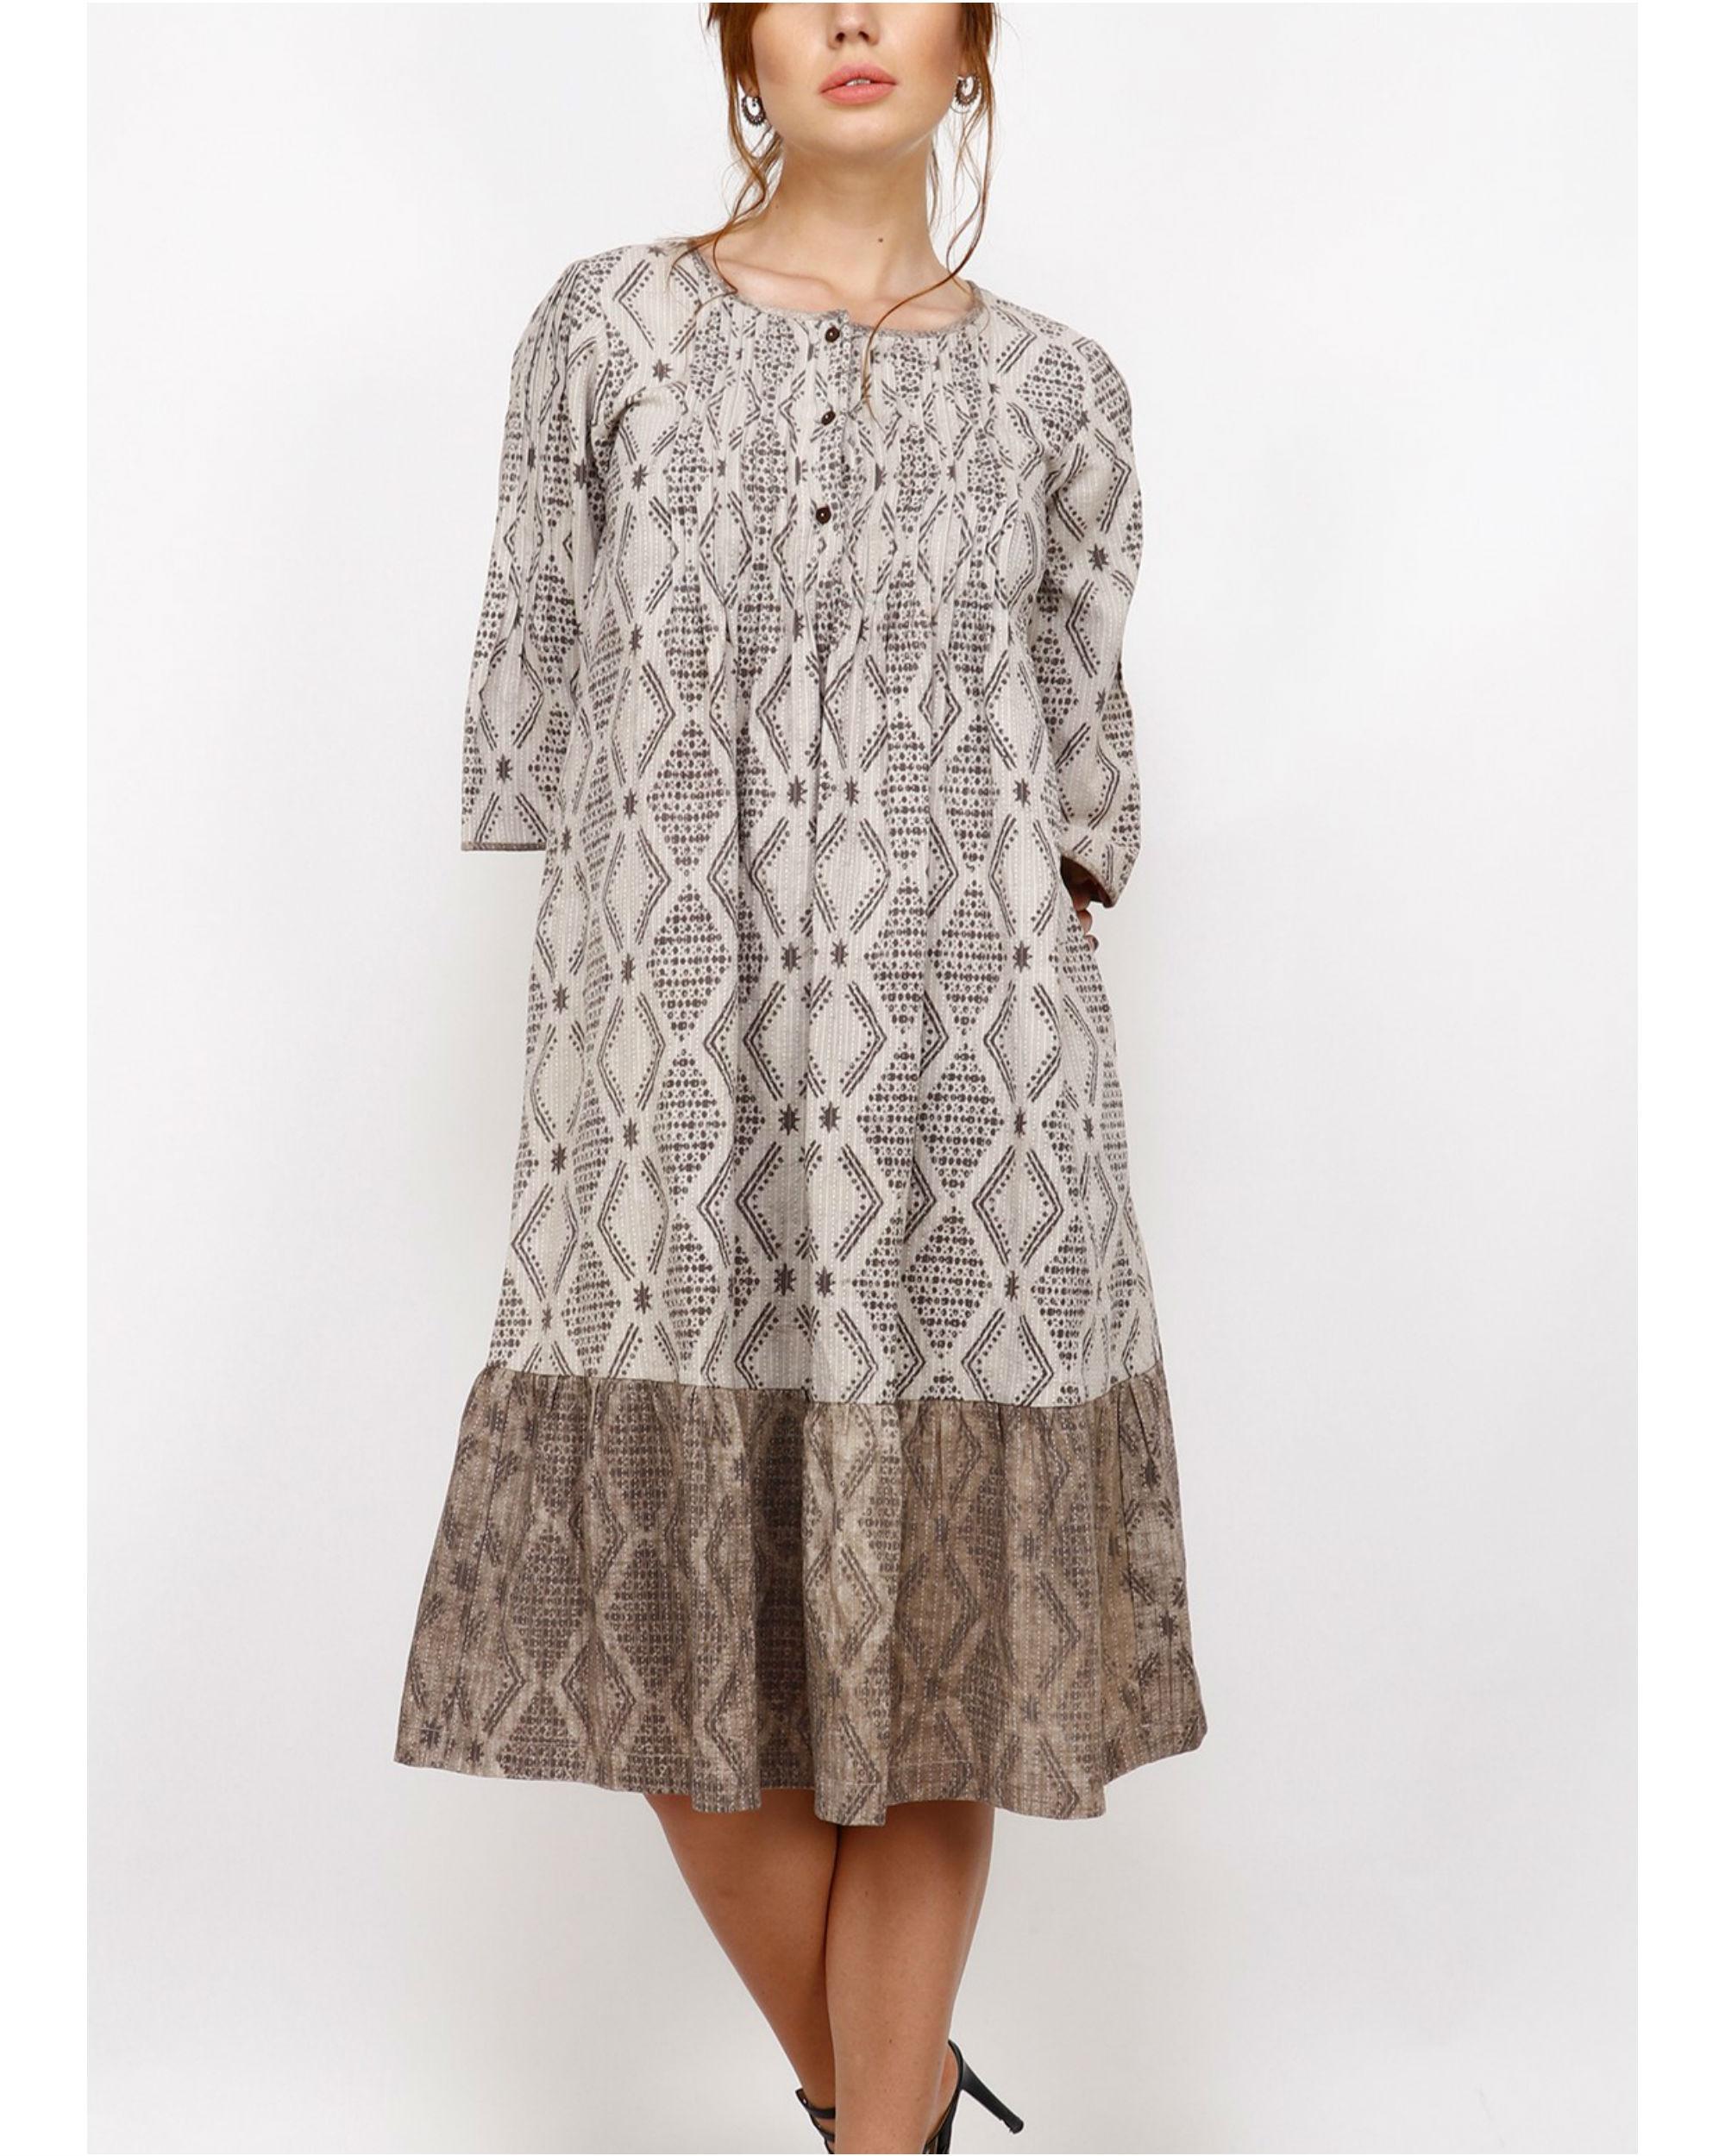 Calla lily dress